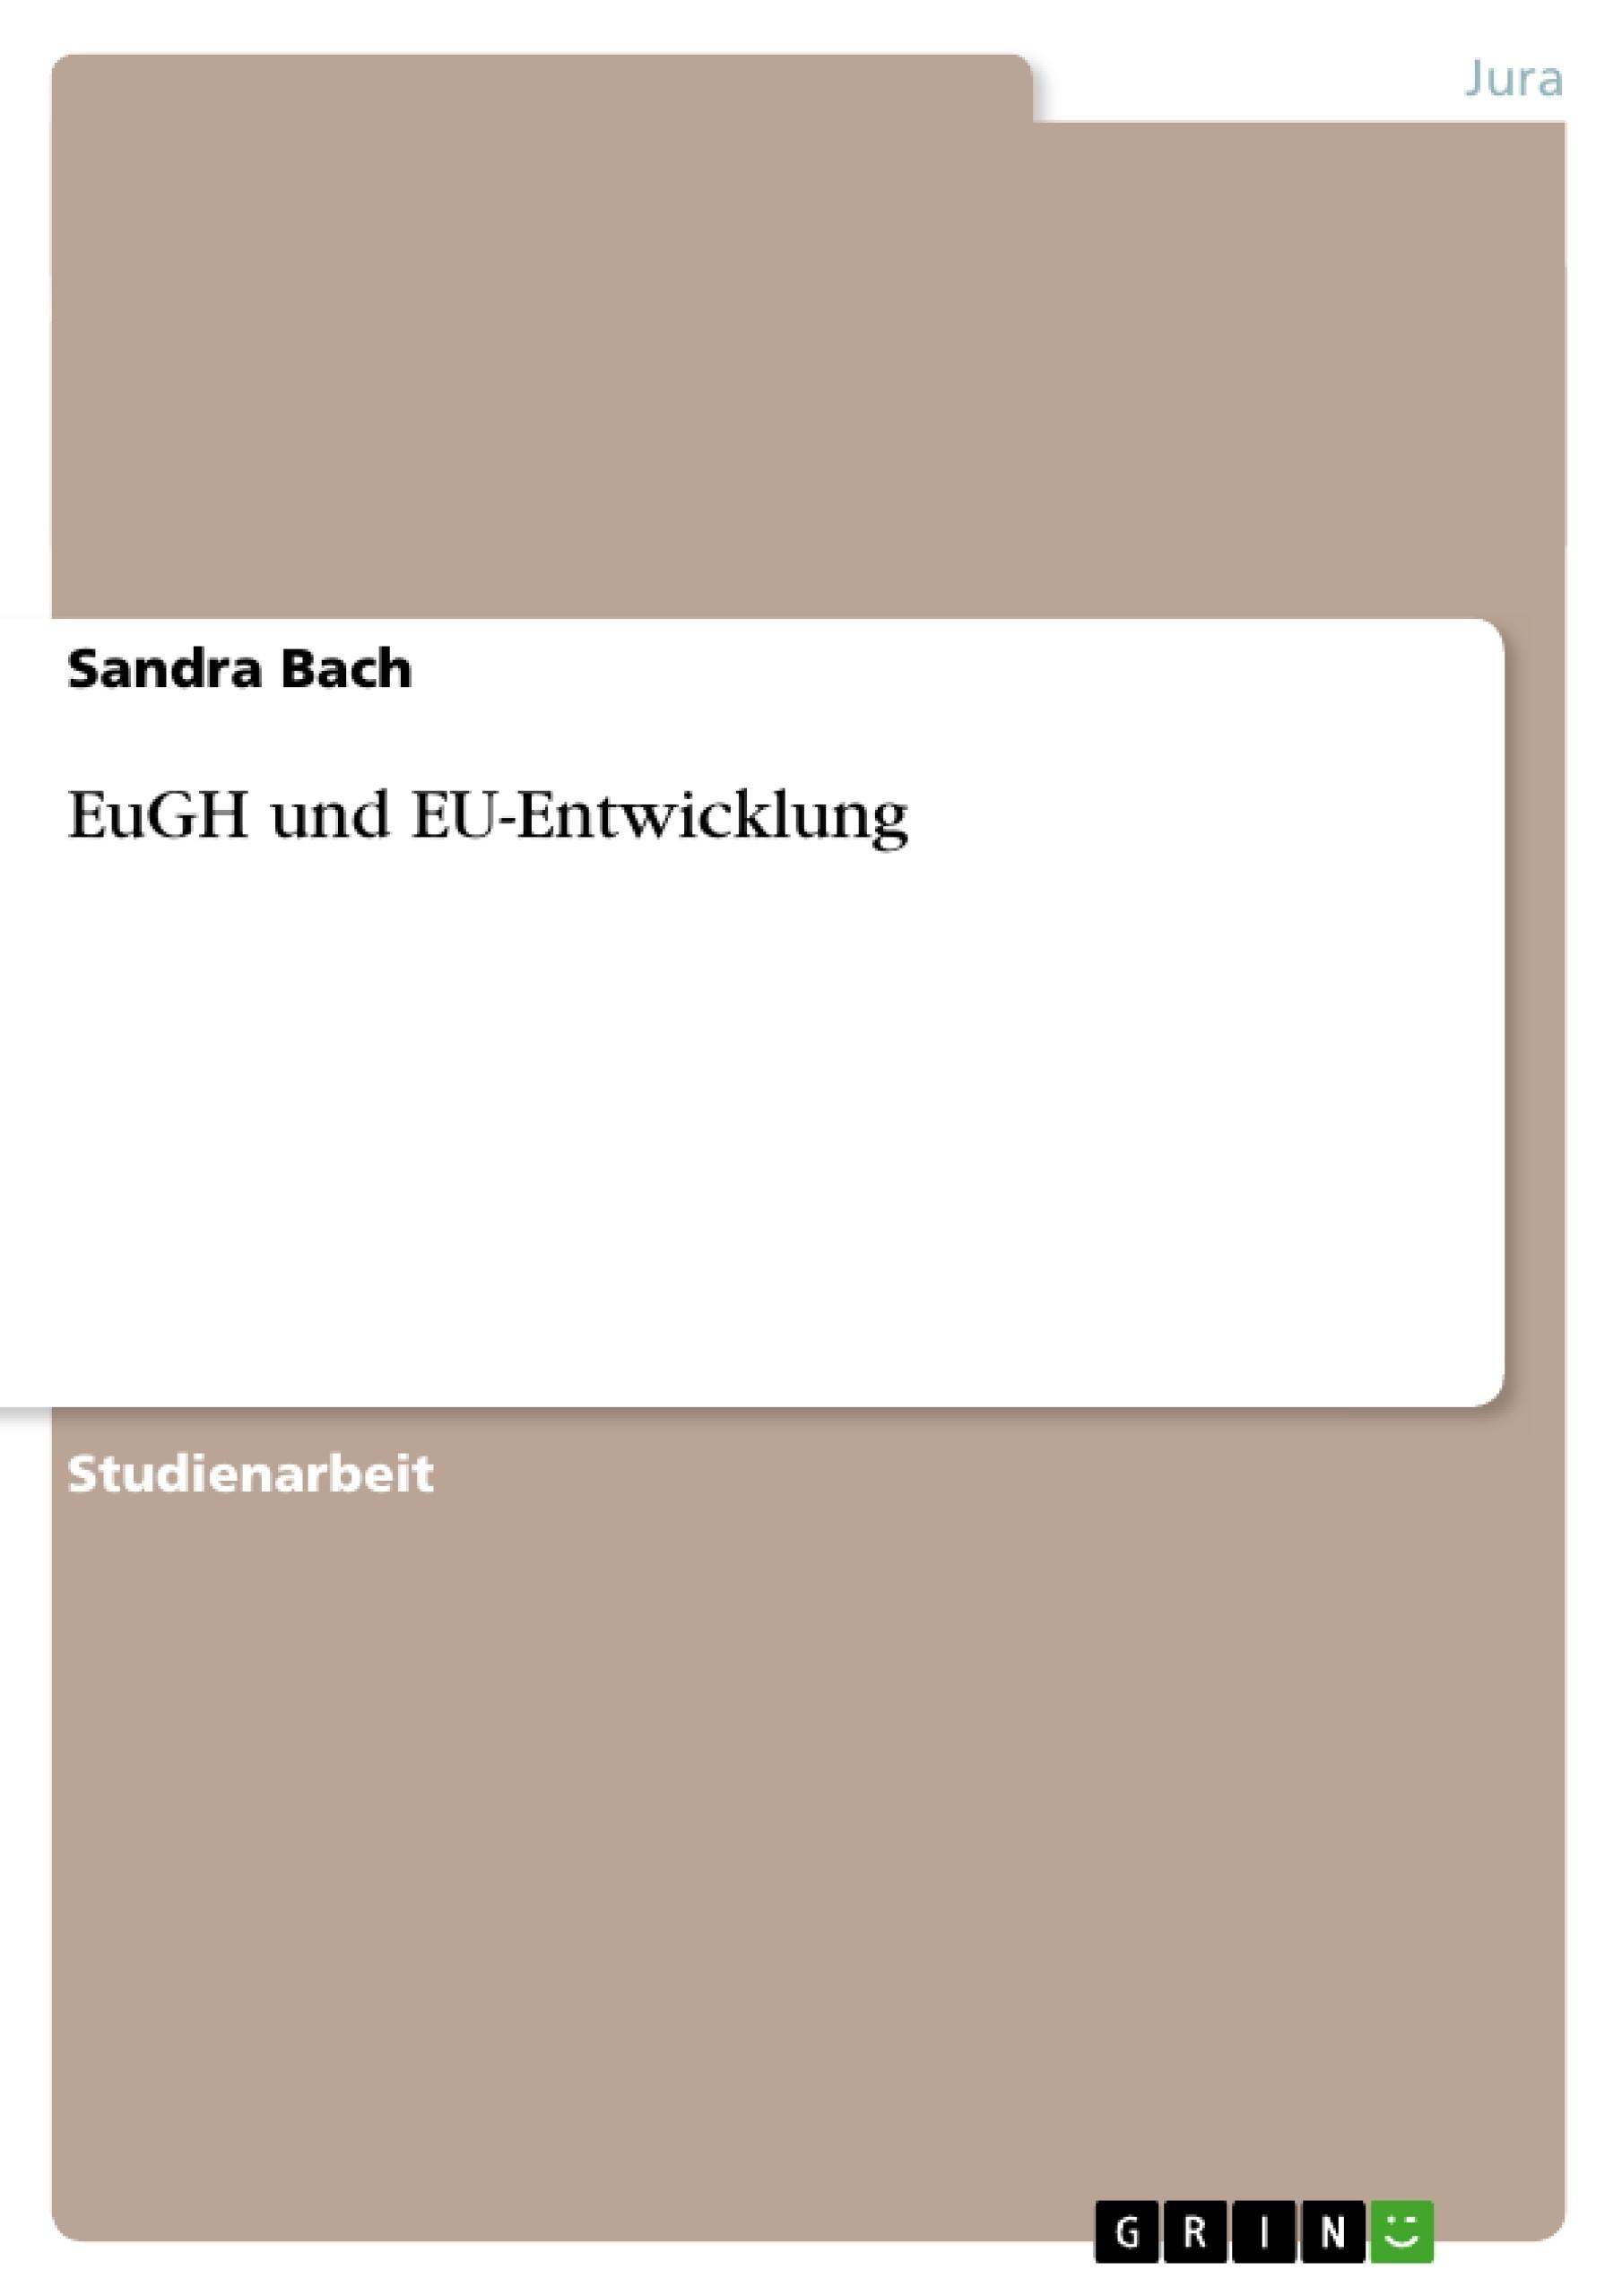 Titel: EuGH und EU-Entwicklung